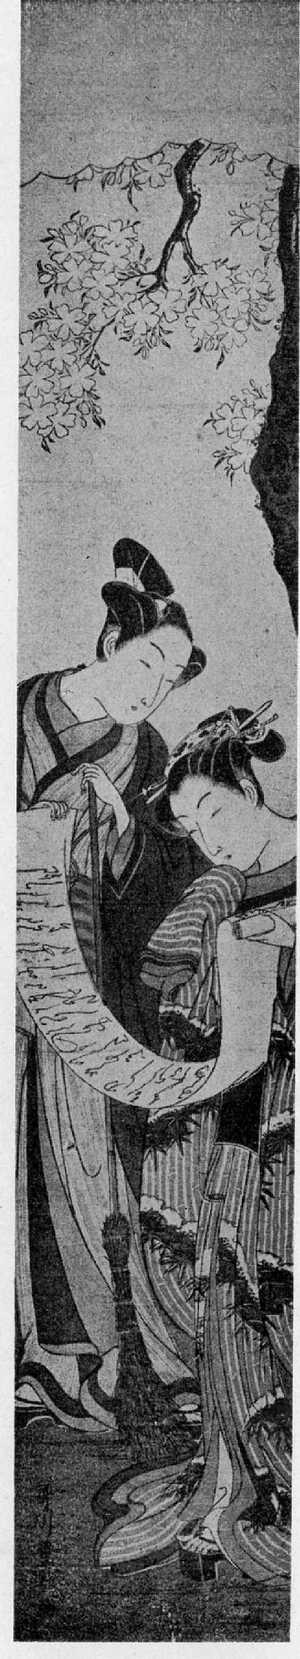 歌川豊春: (桜下の男女) - 立命館大学